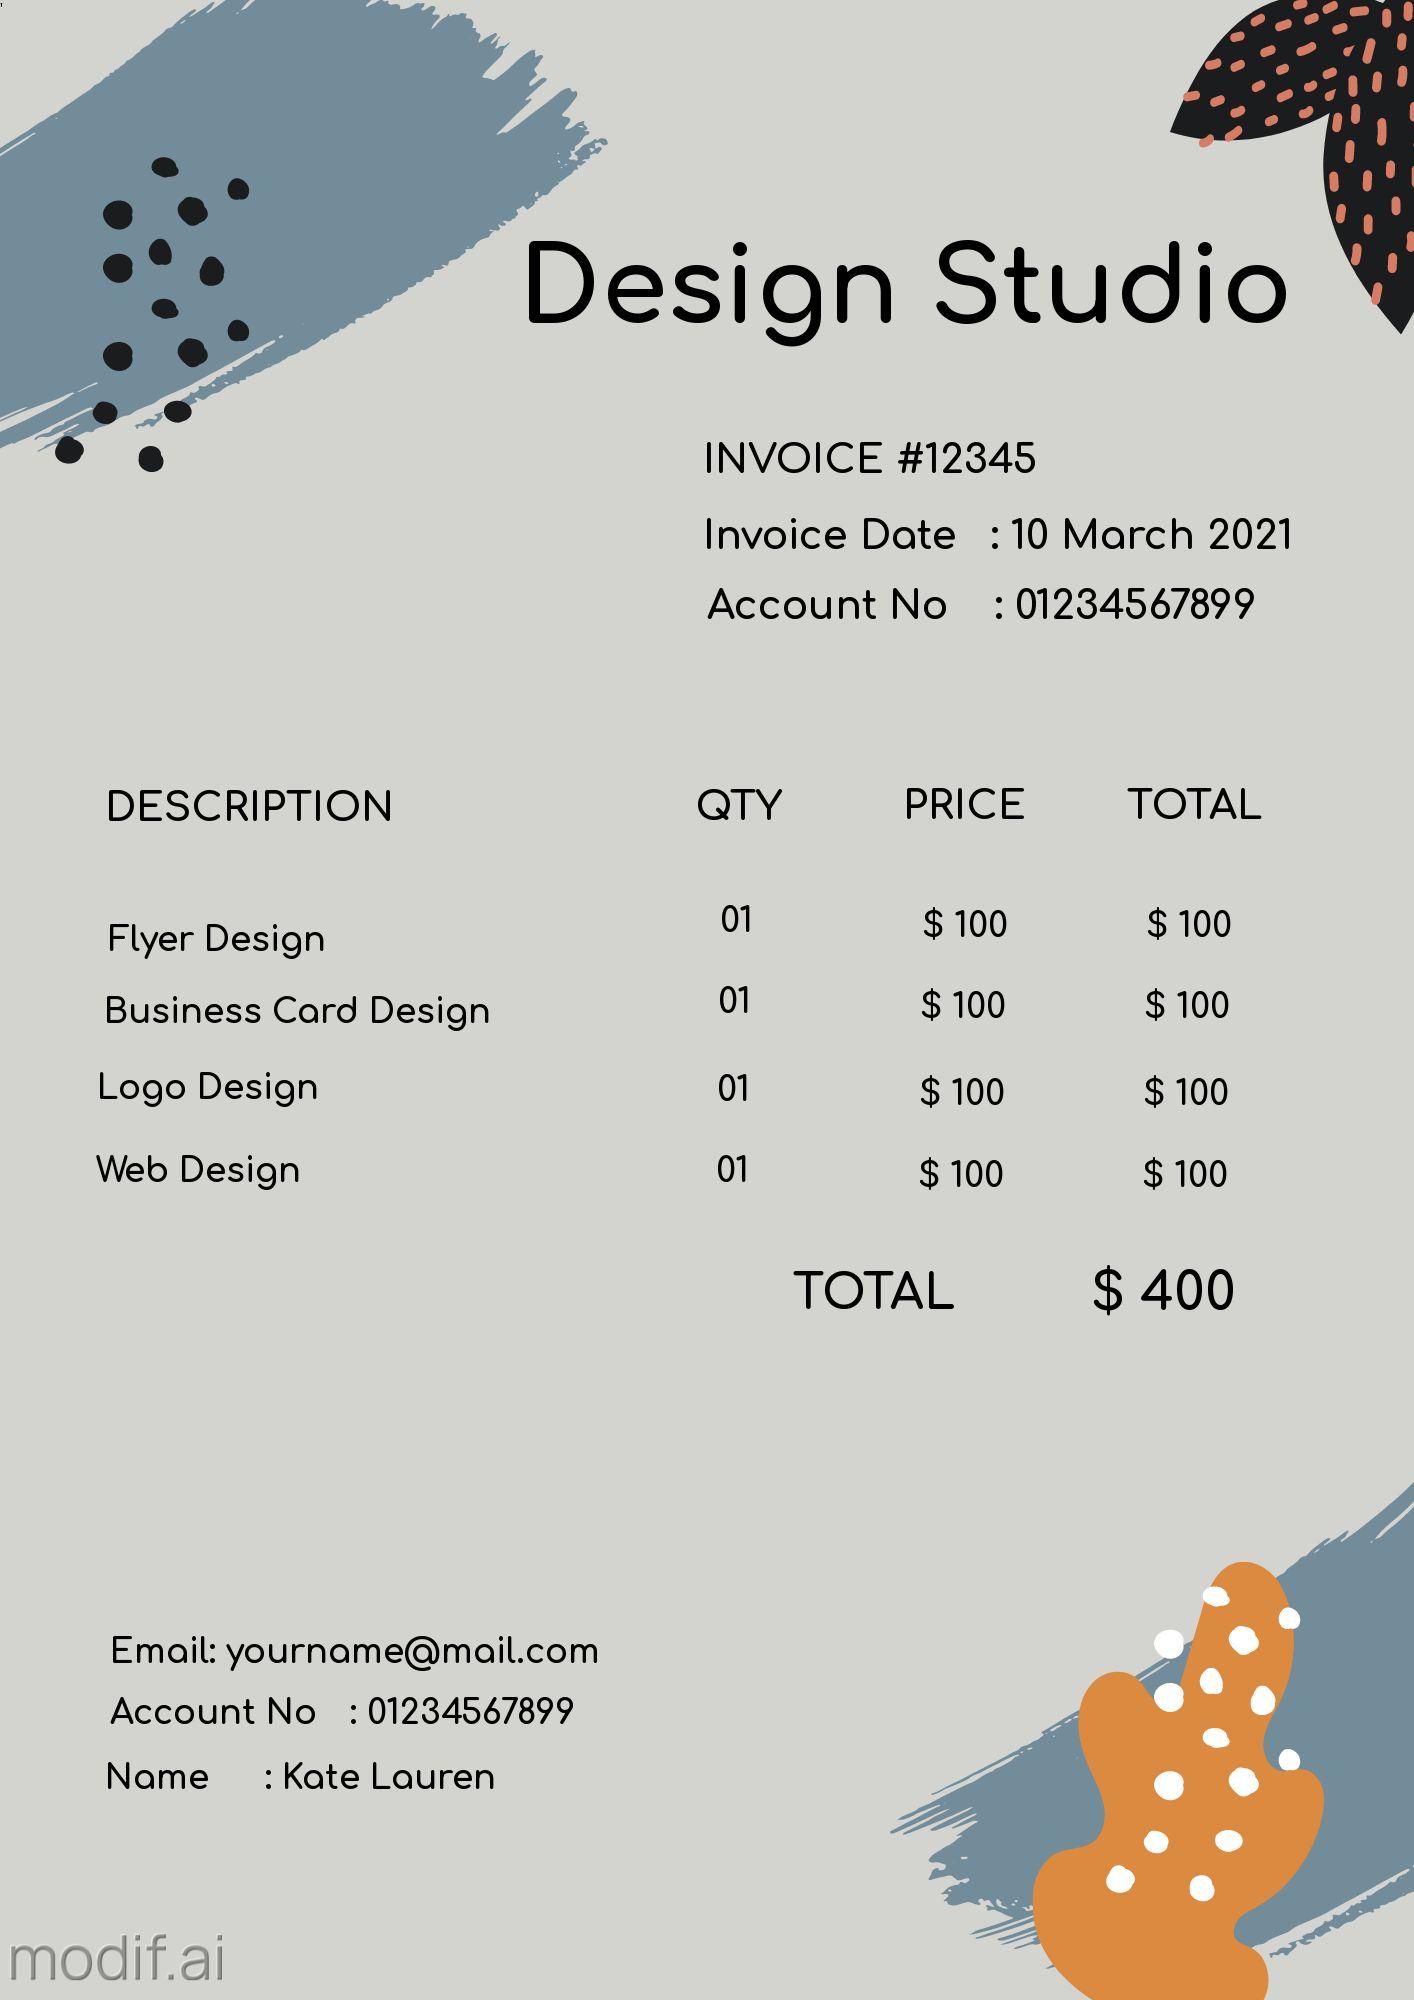 Design Studio Invoice Template